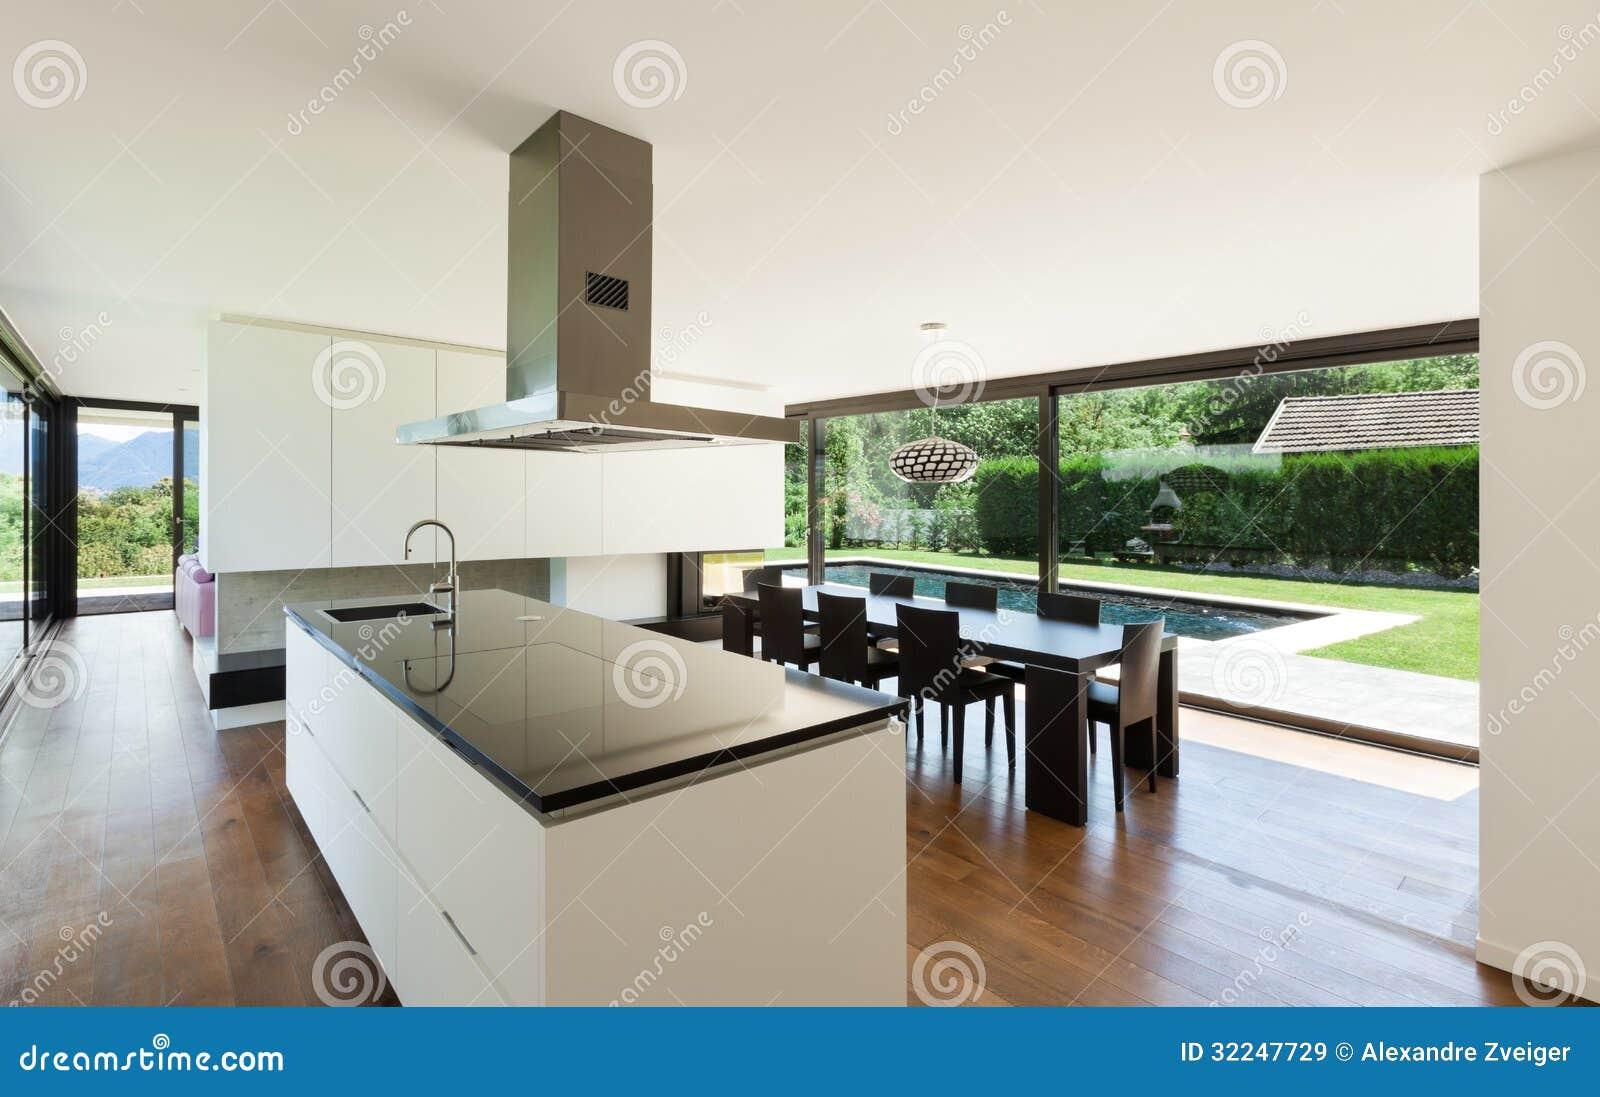 Modernes Landhaus, Innen stockbild. Bild von bequemlichkeit - 32247729